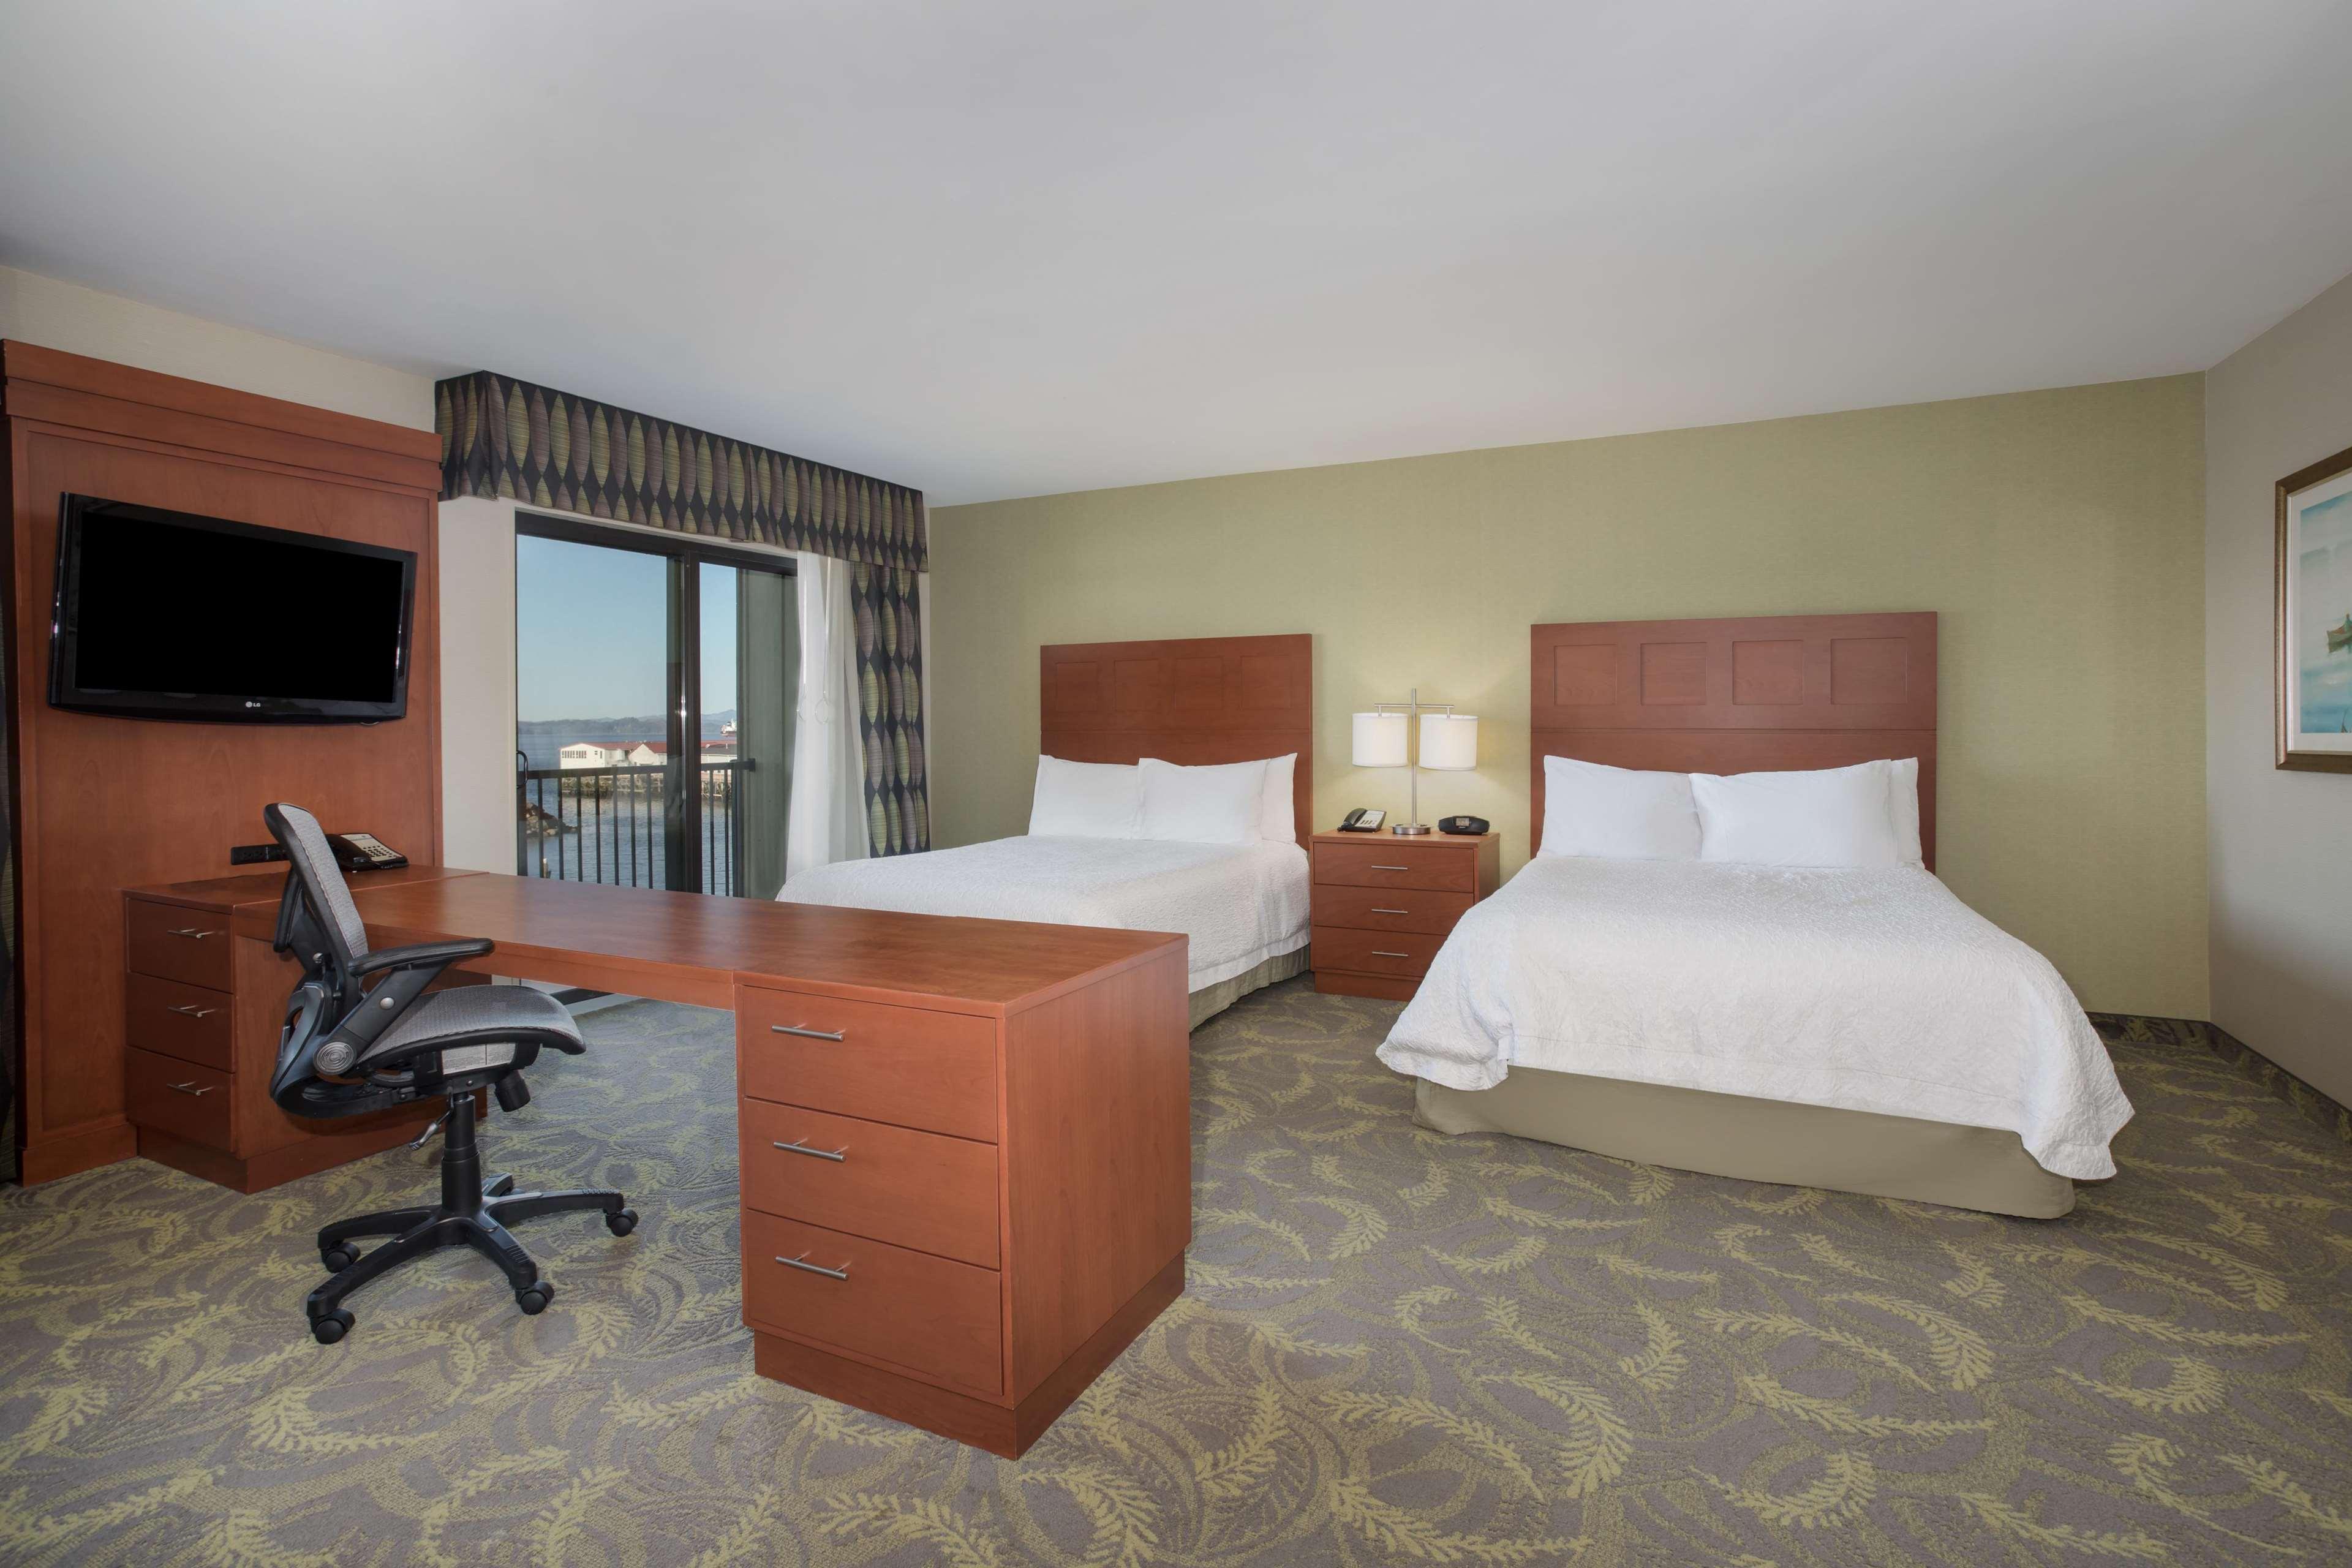 Hampton Inn & Suites Astoria image 46